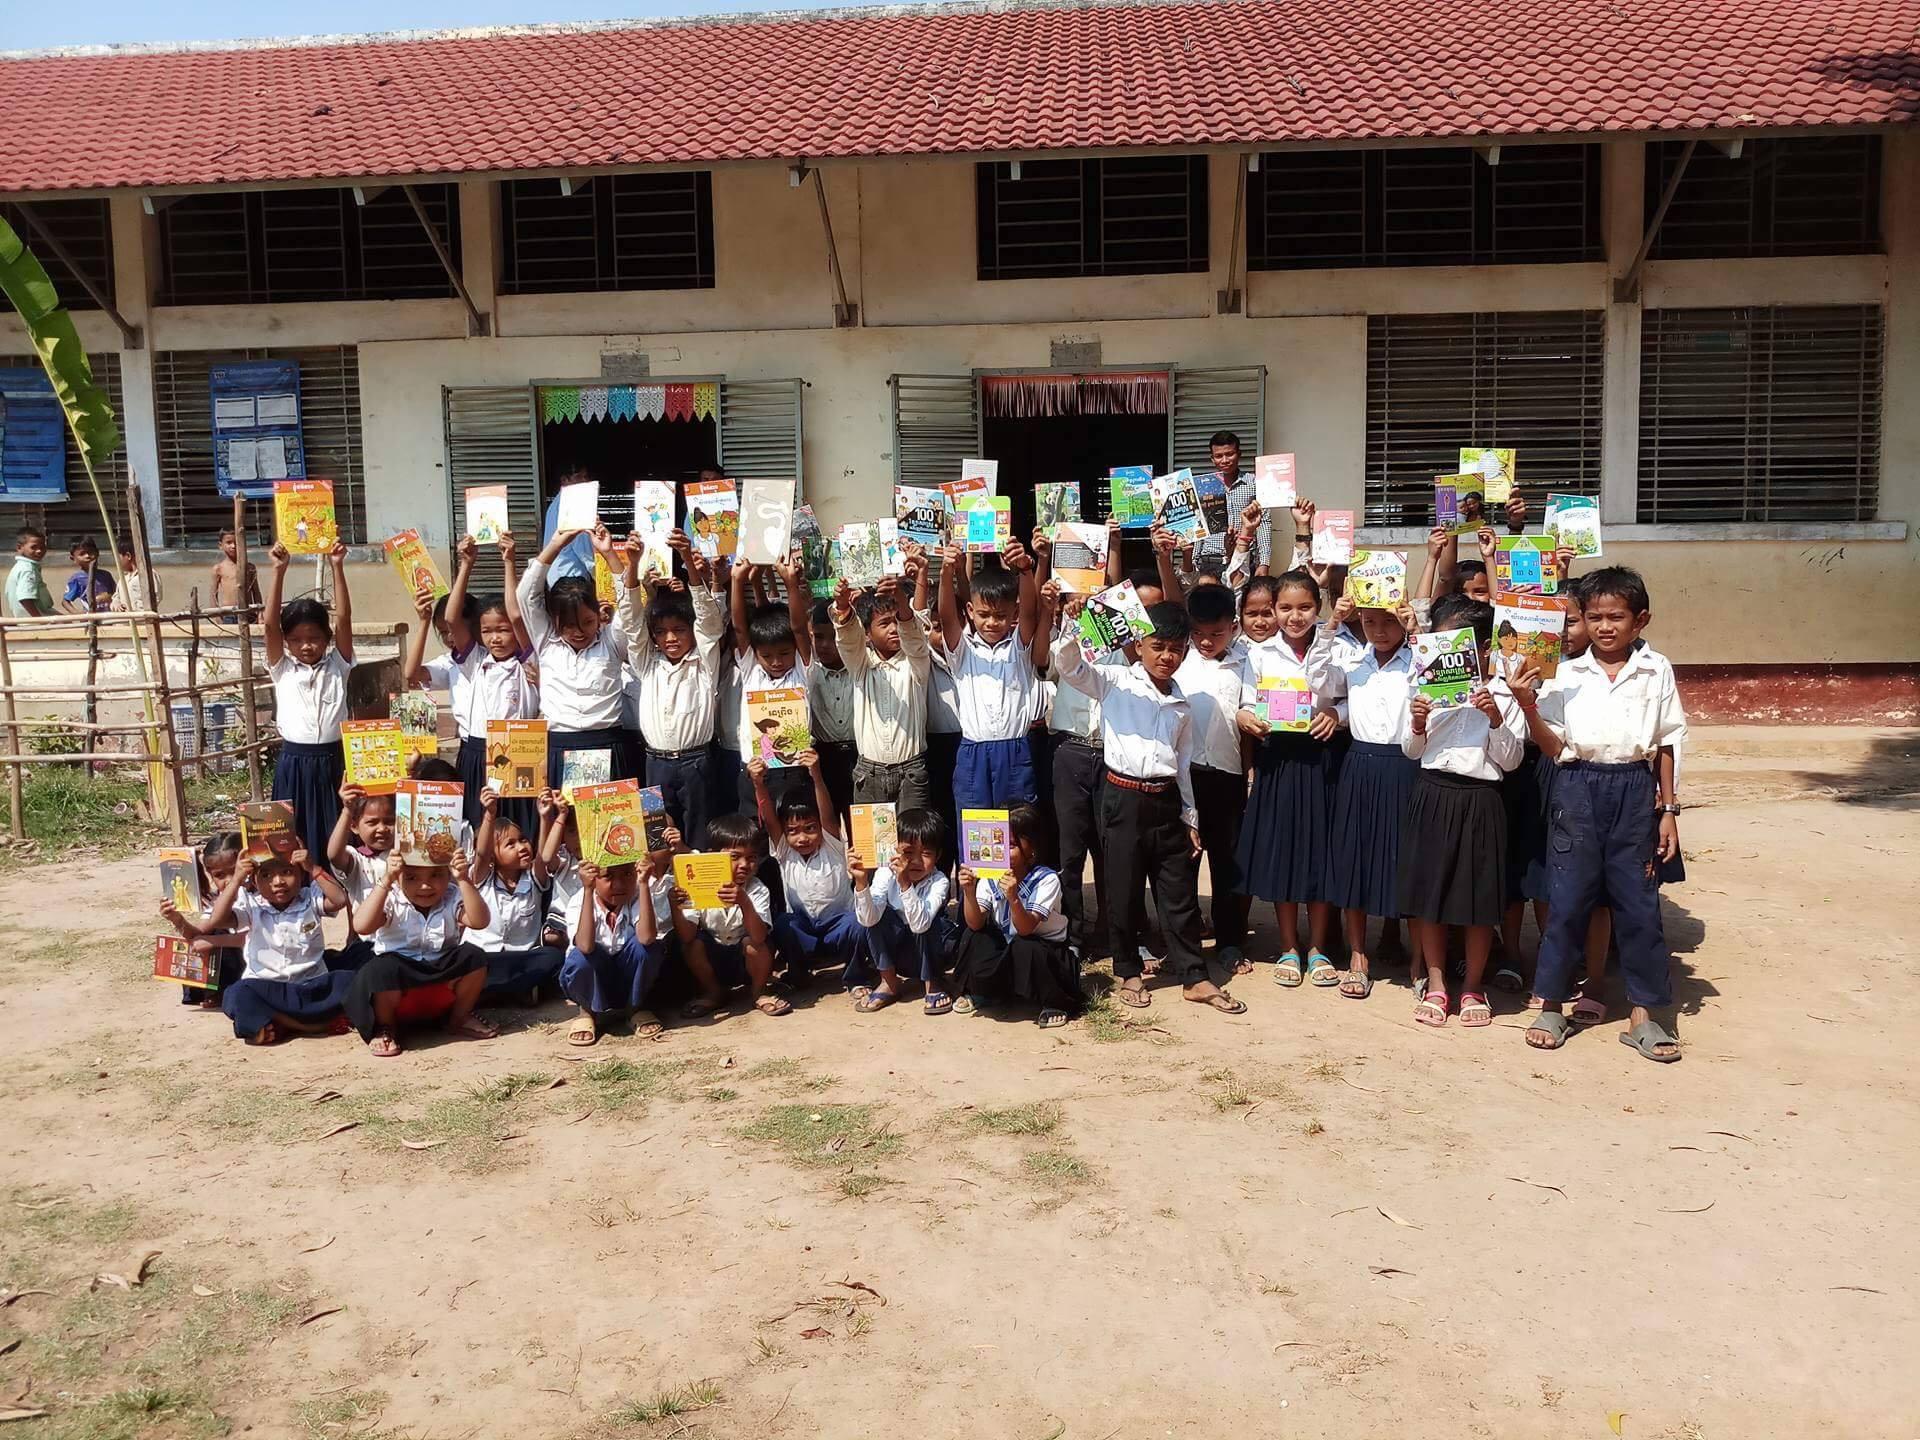 Bibliotheekje voor school in Phumthmey Village